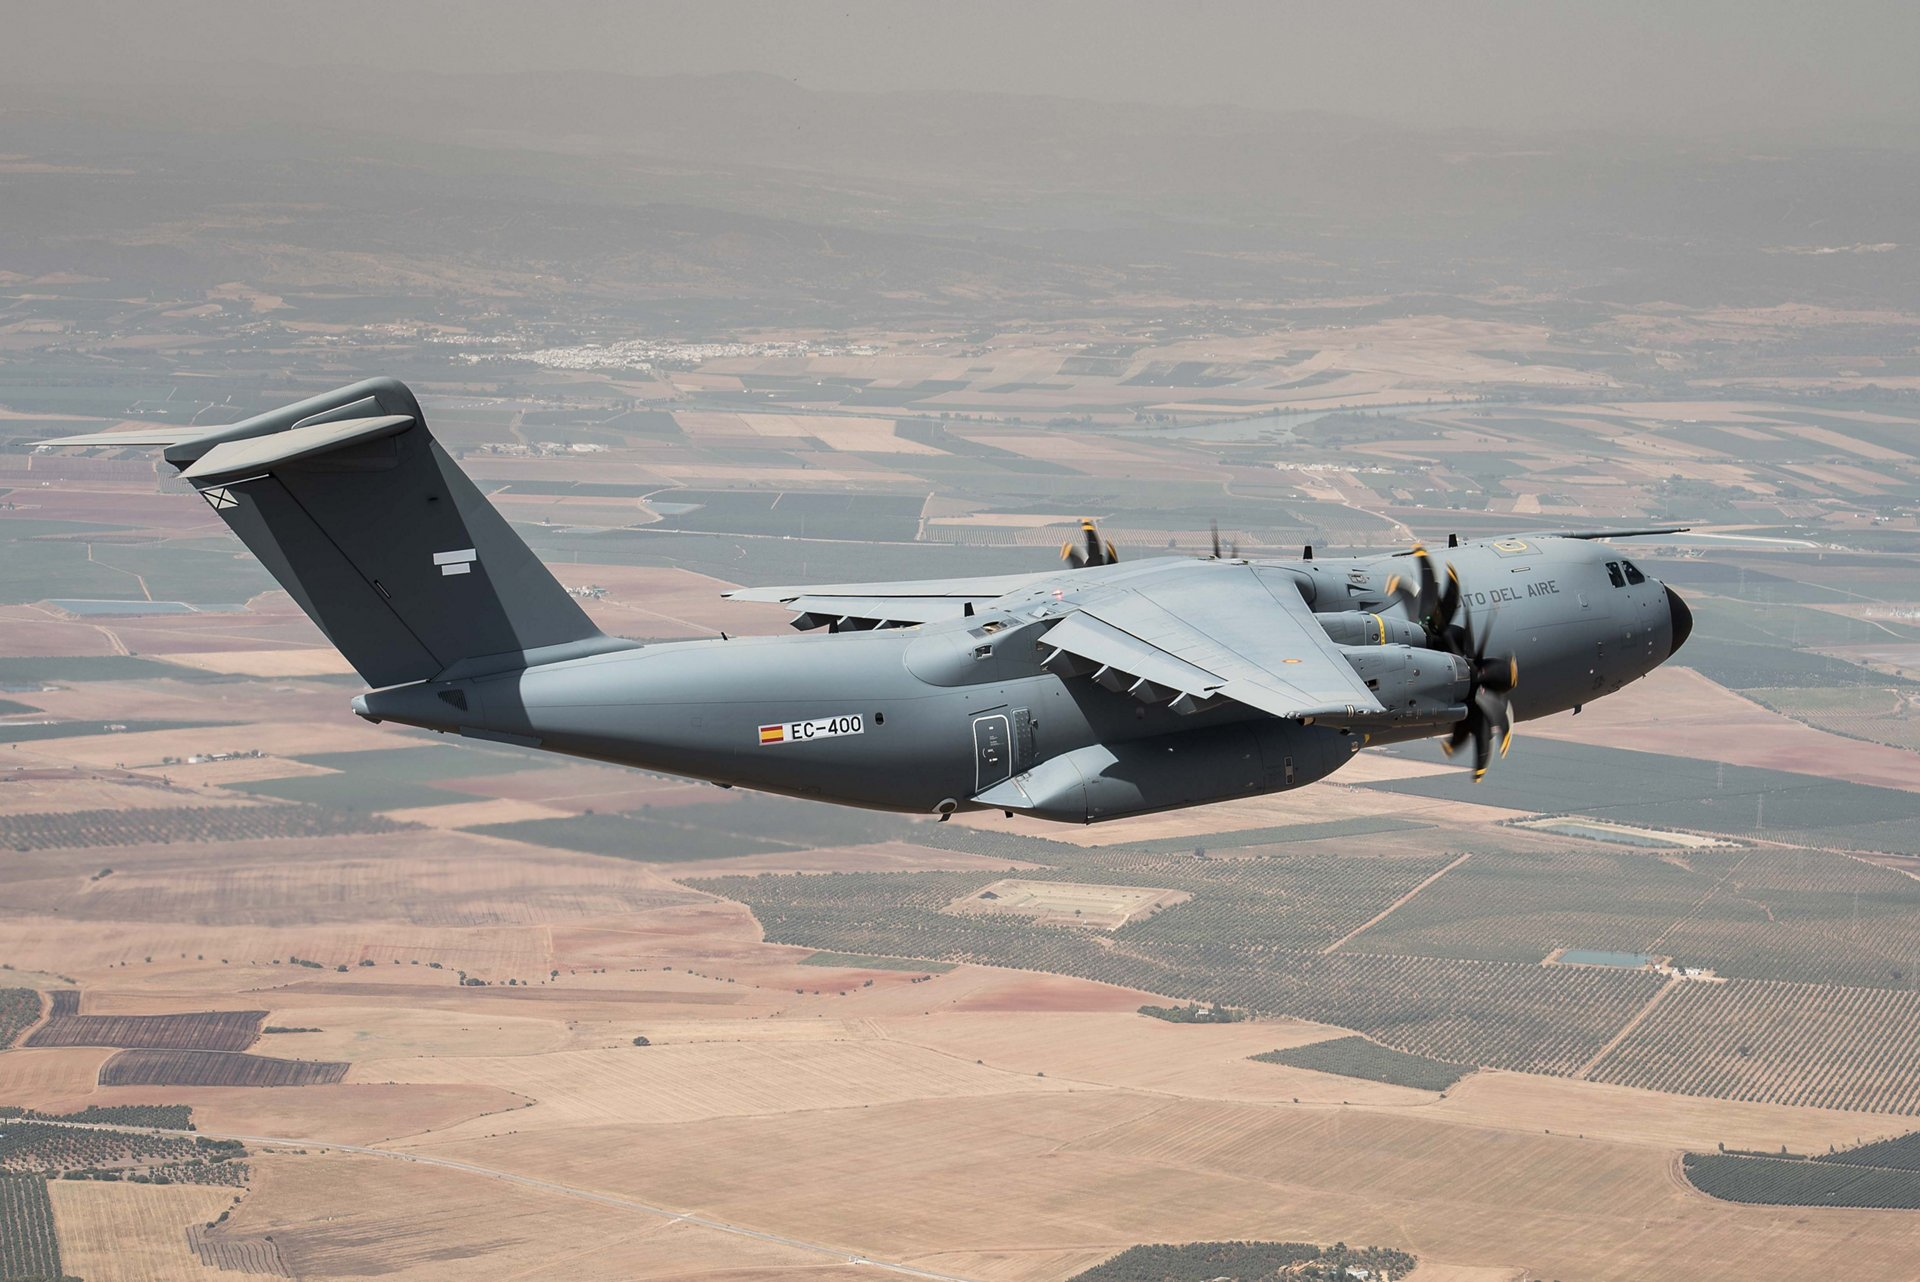 Spain Air Force Airbus A400M Atlas